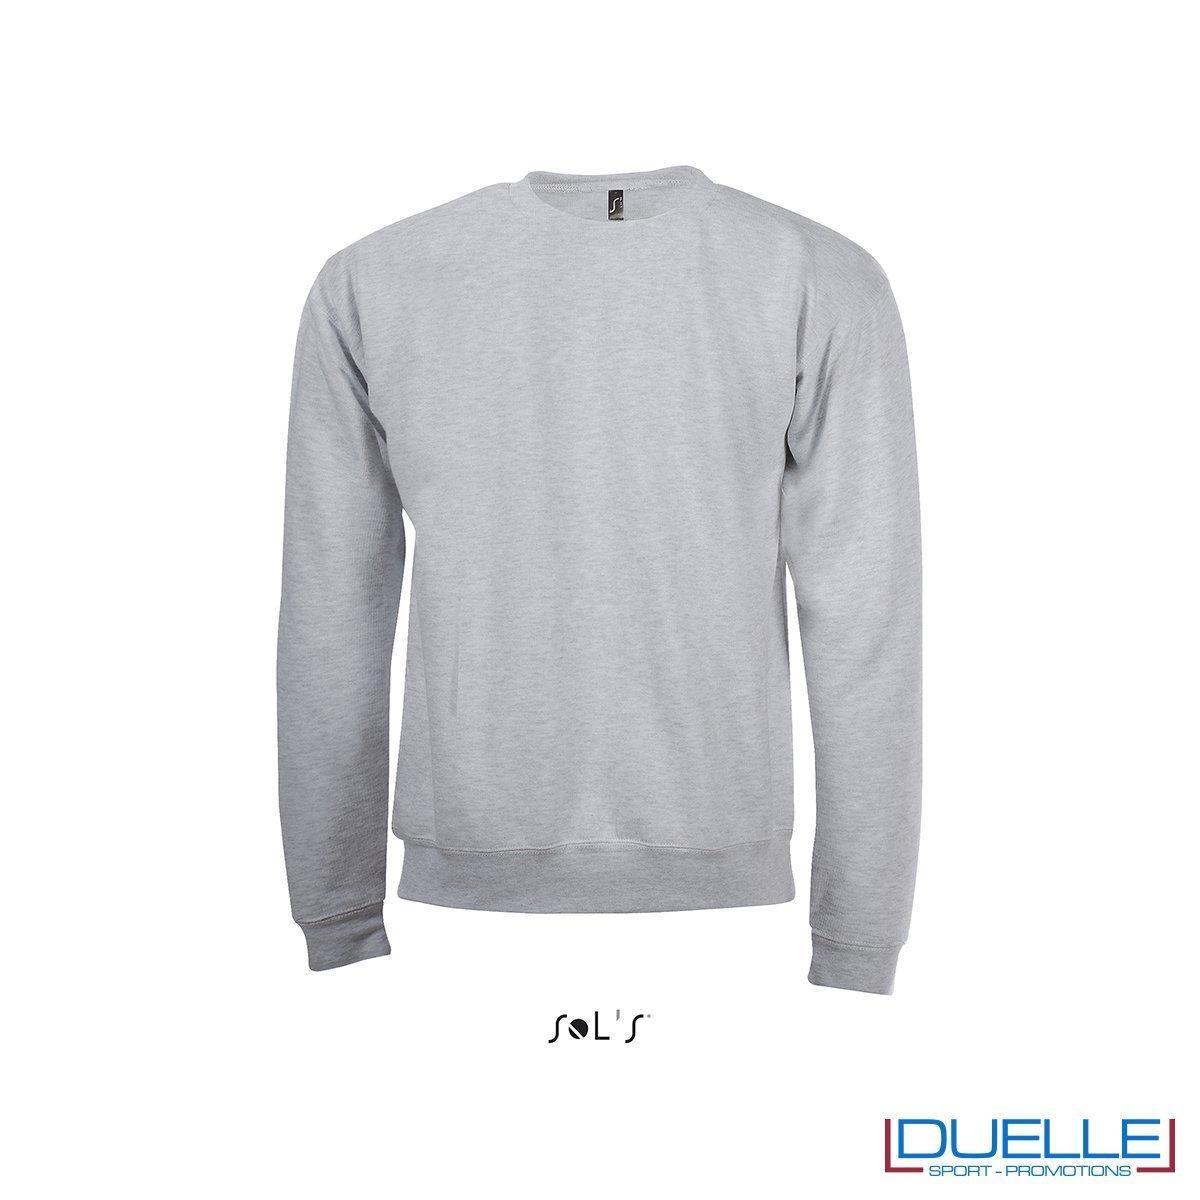 felpa personalizzata con girocollo in colore grigio melange, felpe personalizzate, abbigliamento promozionale personalizzato